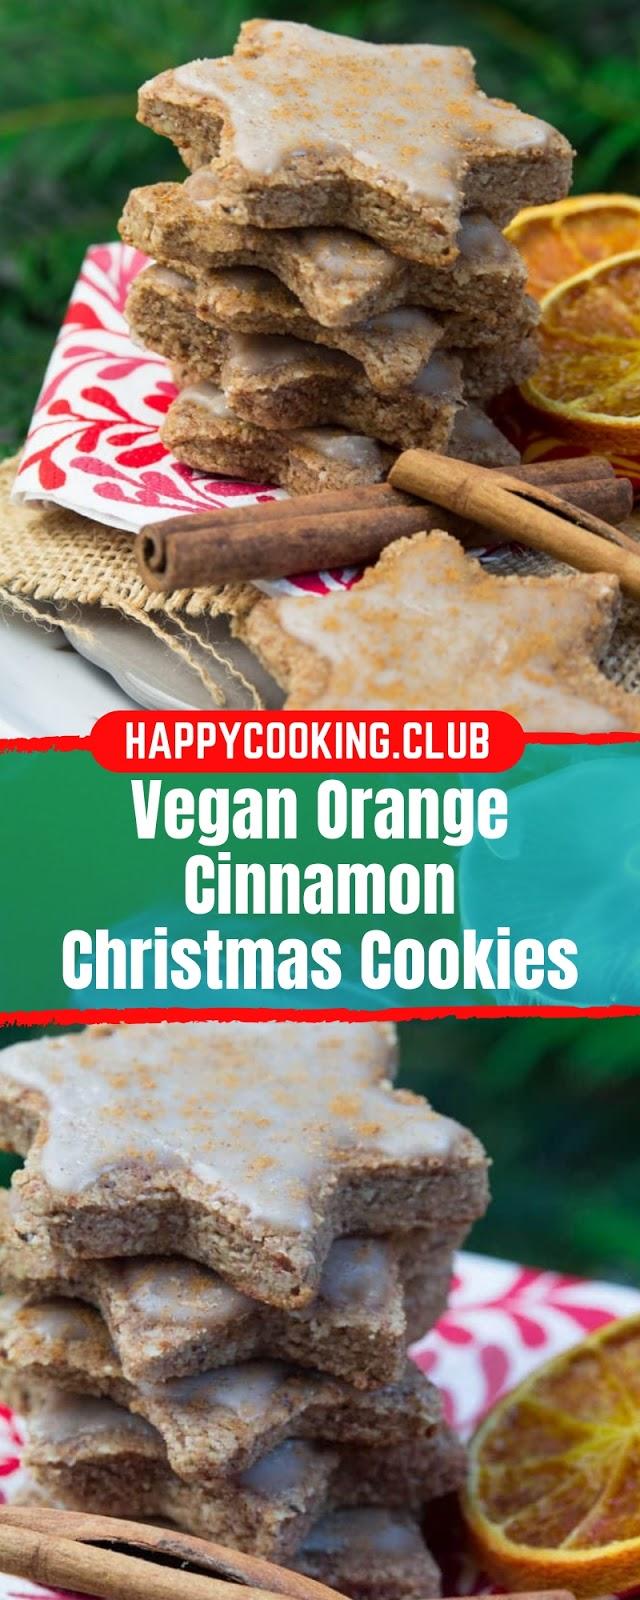 VEGAN ORANGE CINNAMON CHRISTMAS COOKIES #CHRISTMAS #DRINK